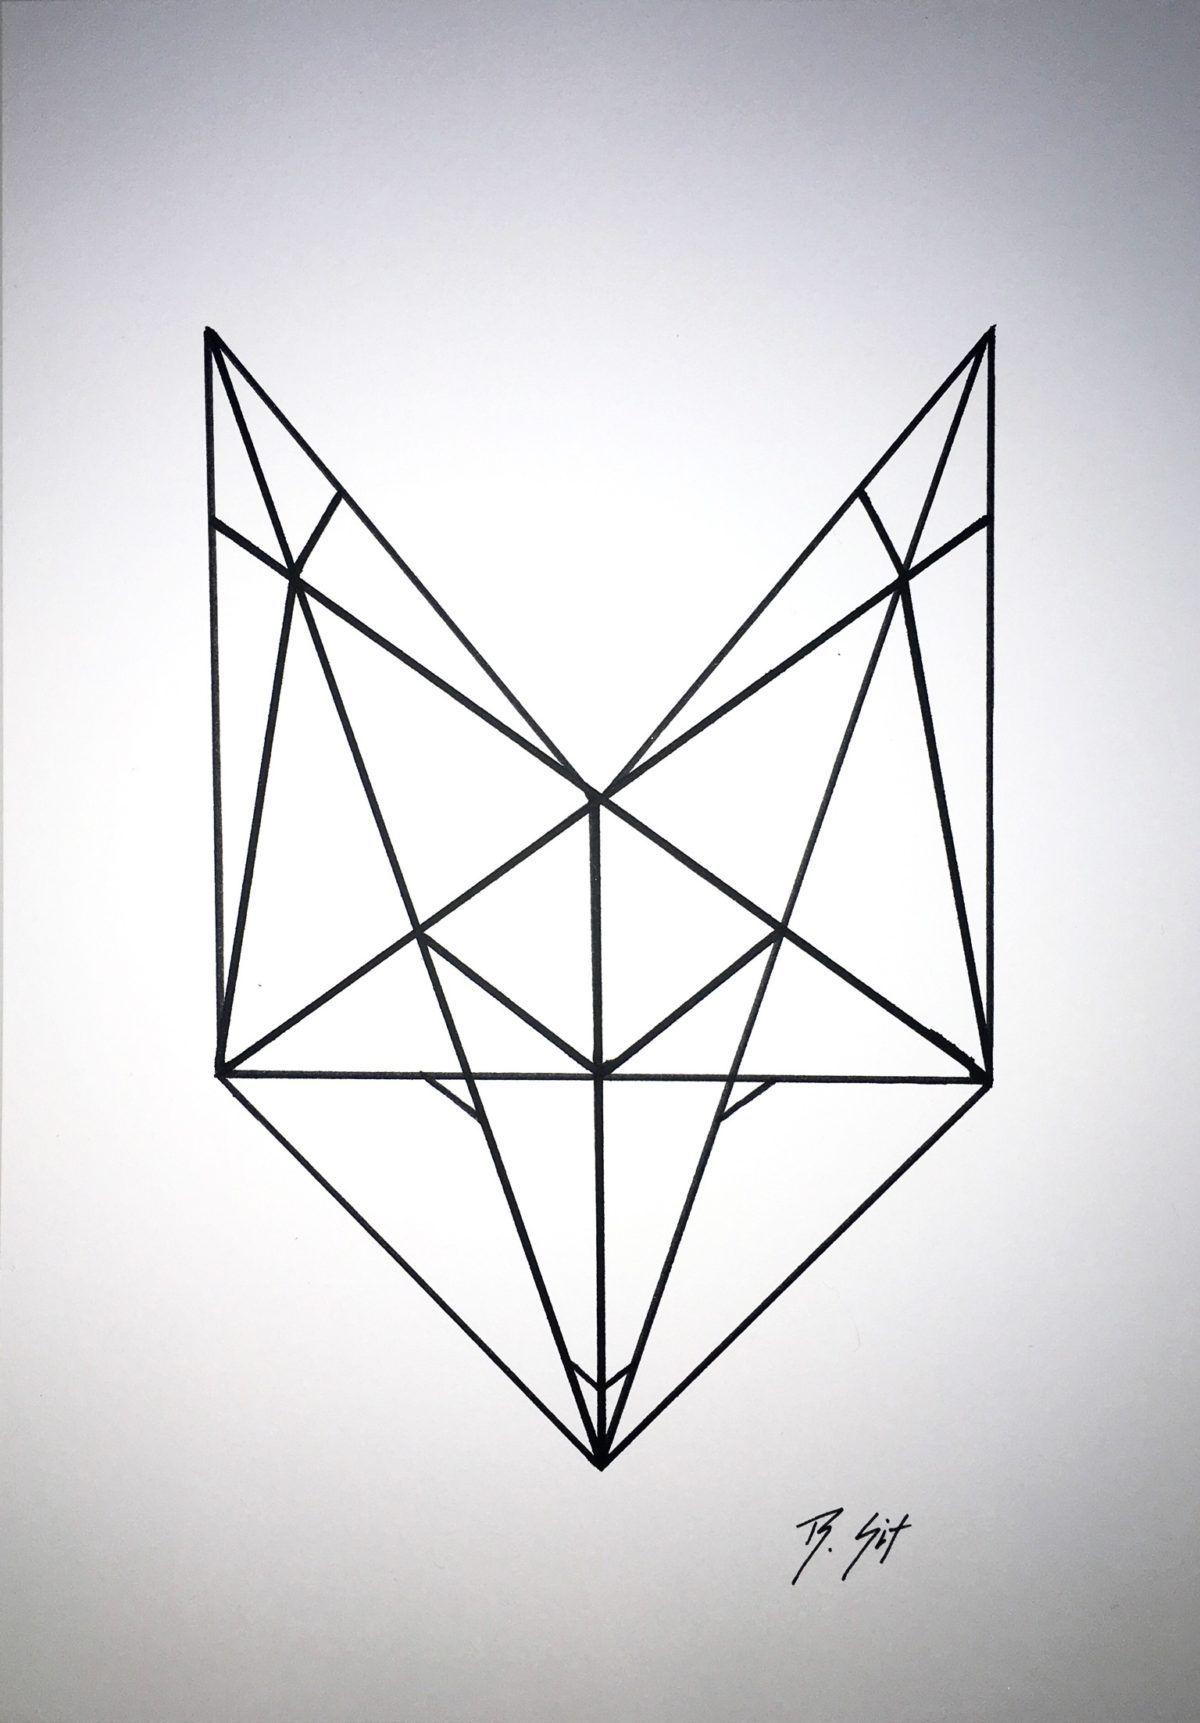 рисунок прямыми линиями картинки